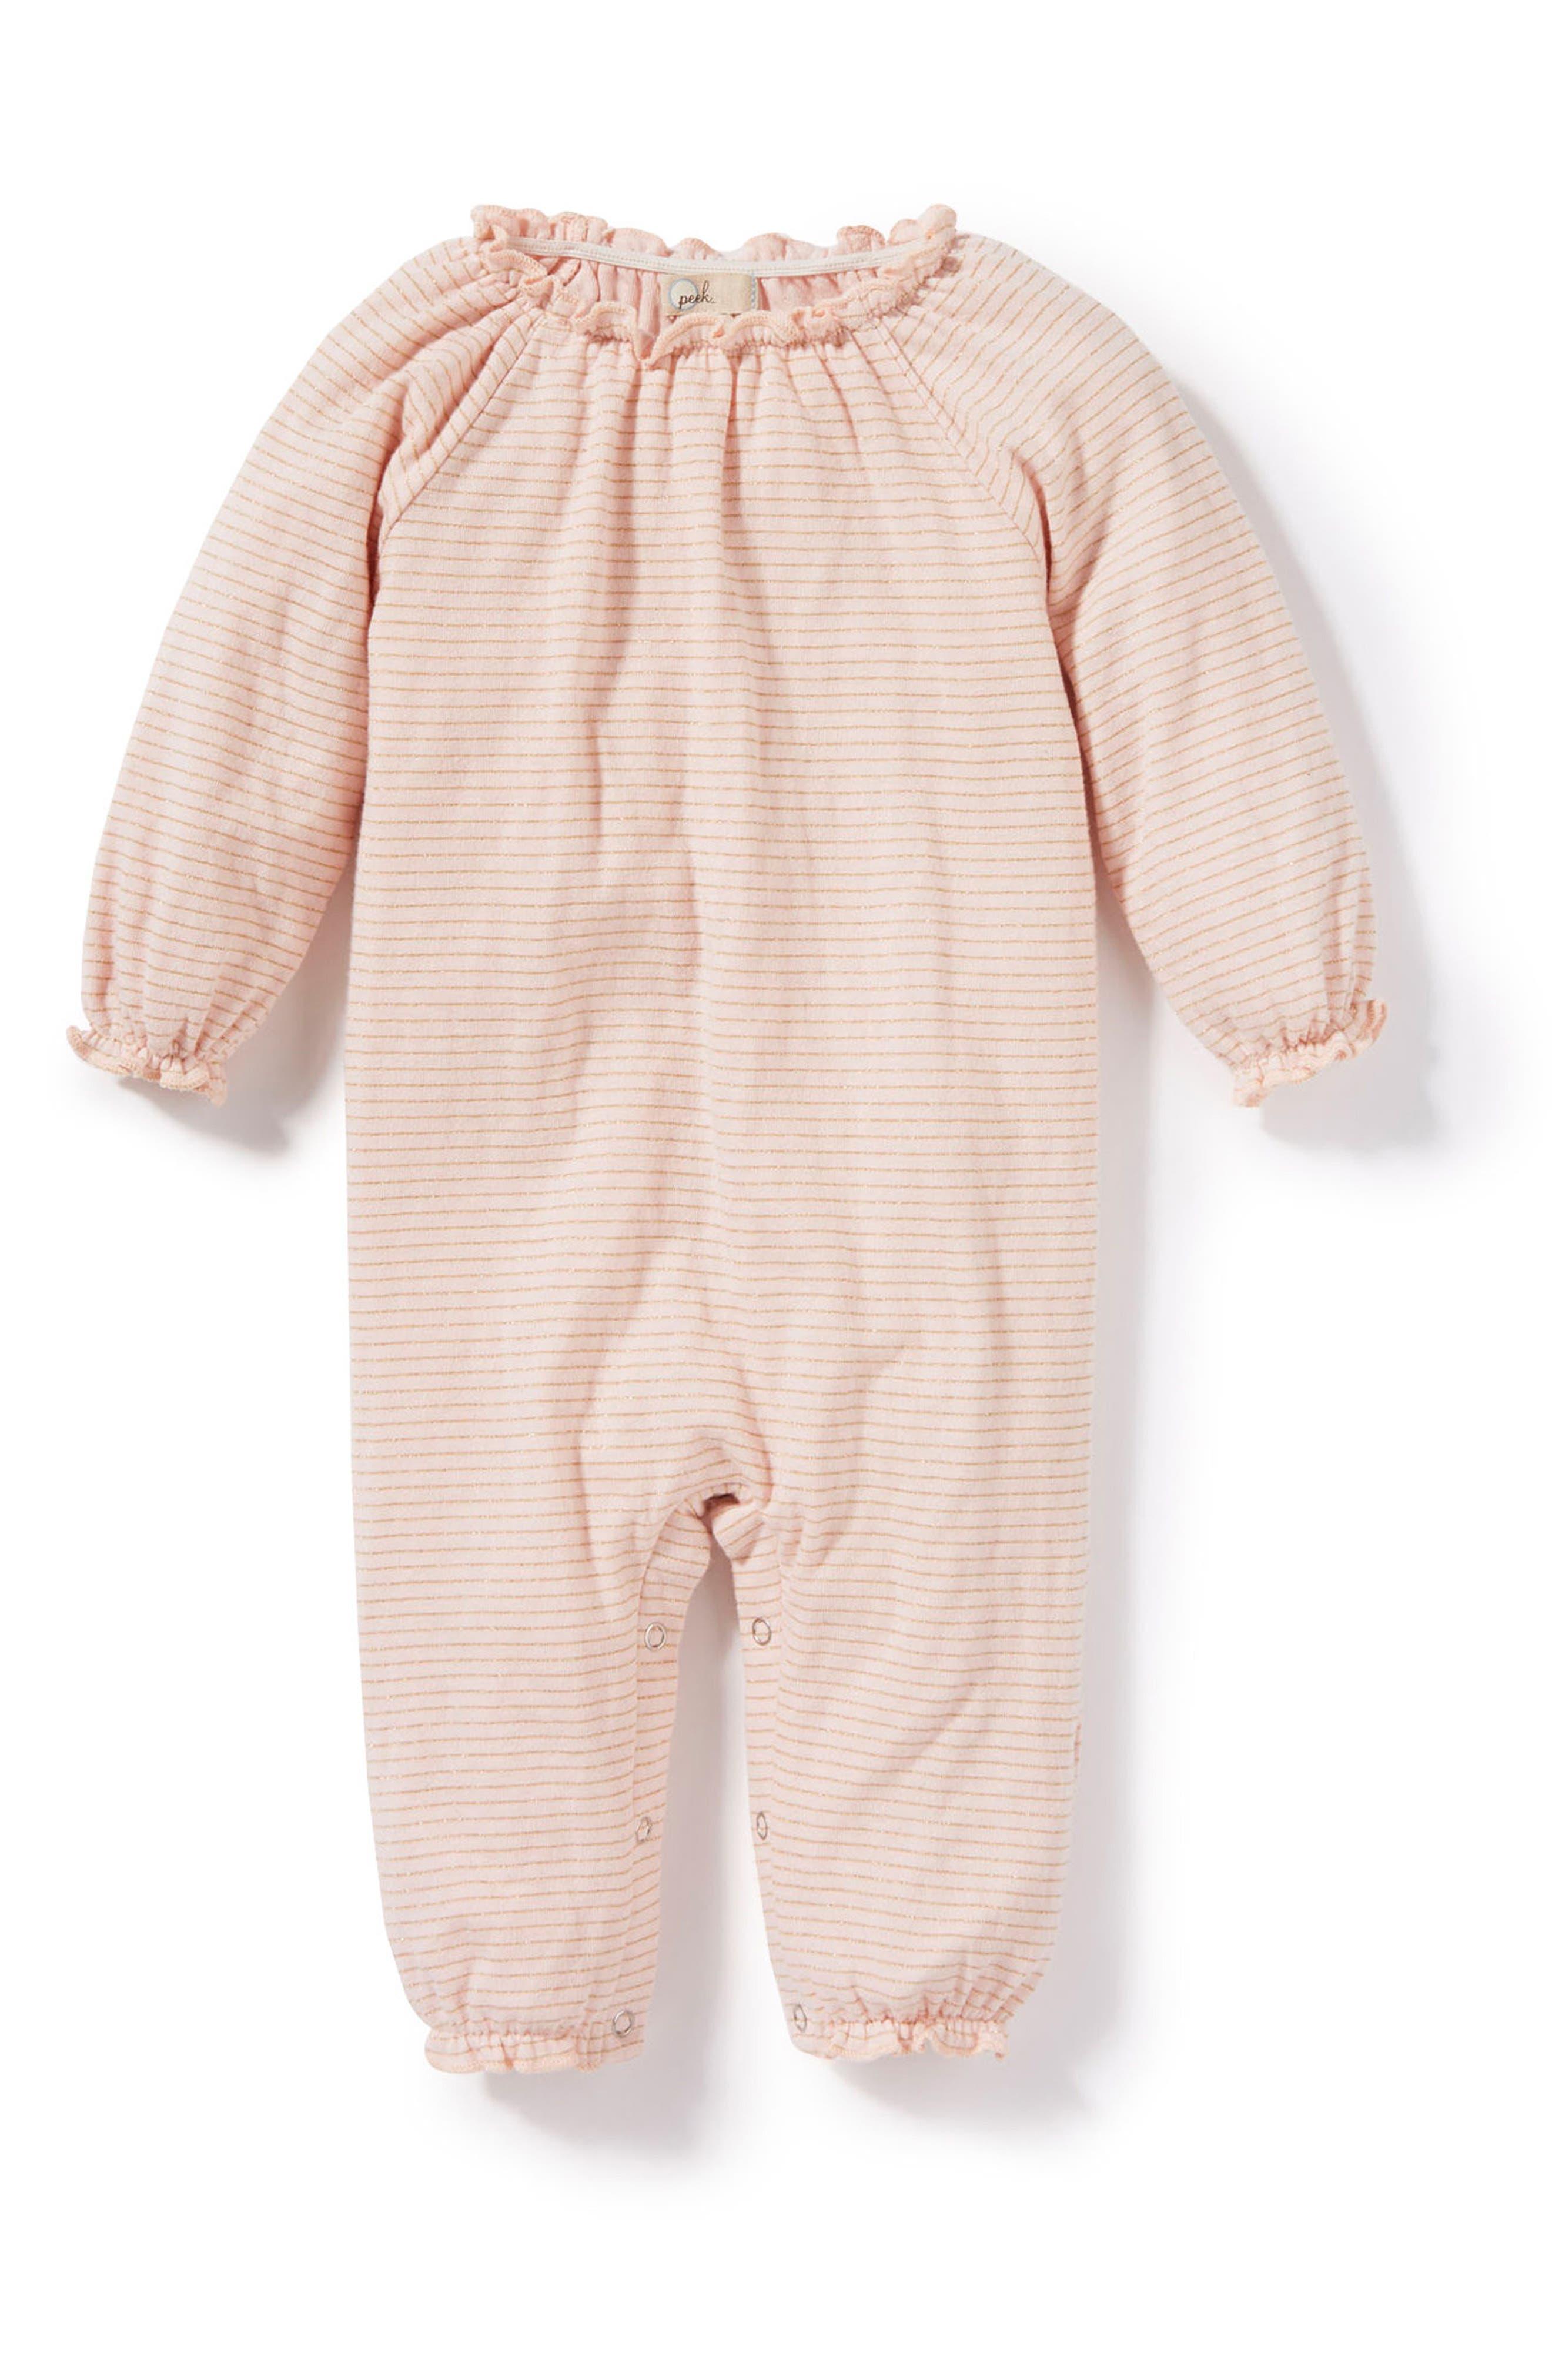 Alternate Image 1 Selected - Peek Stripe Romper (Baby Girls)